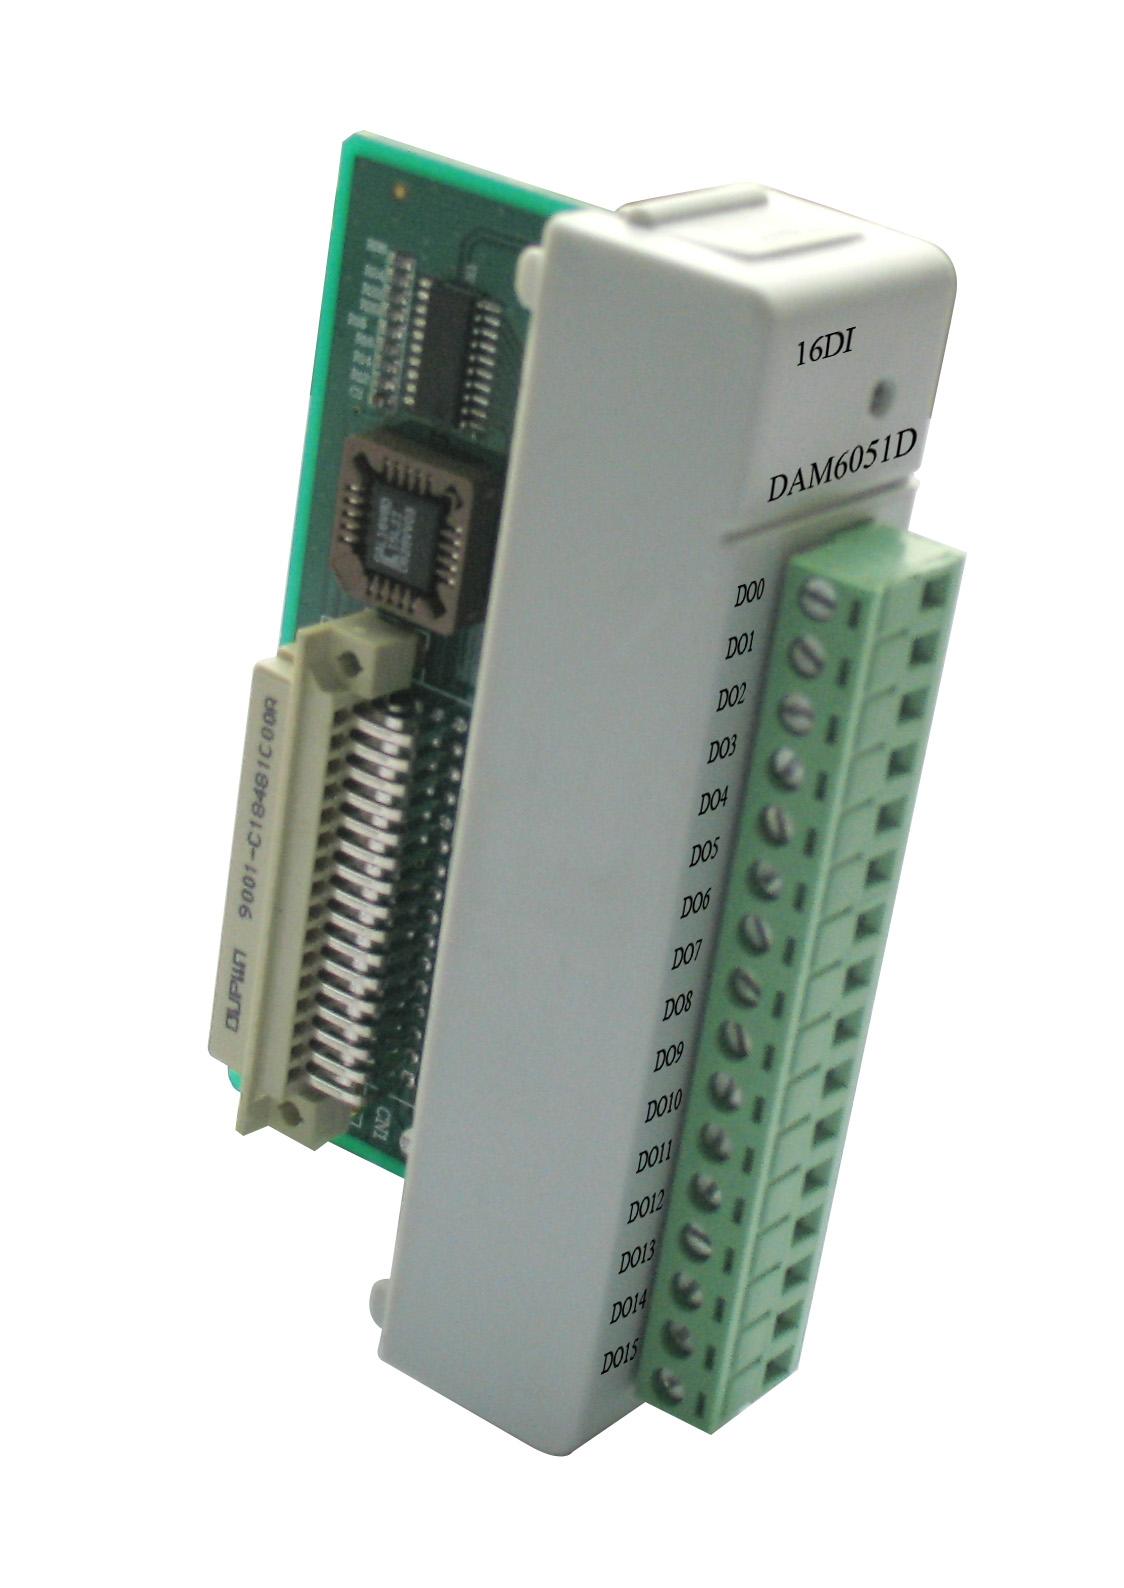 阿尔泰DAM-6051D-带LED显示的16通道数字量输入